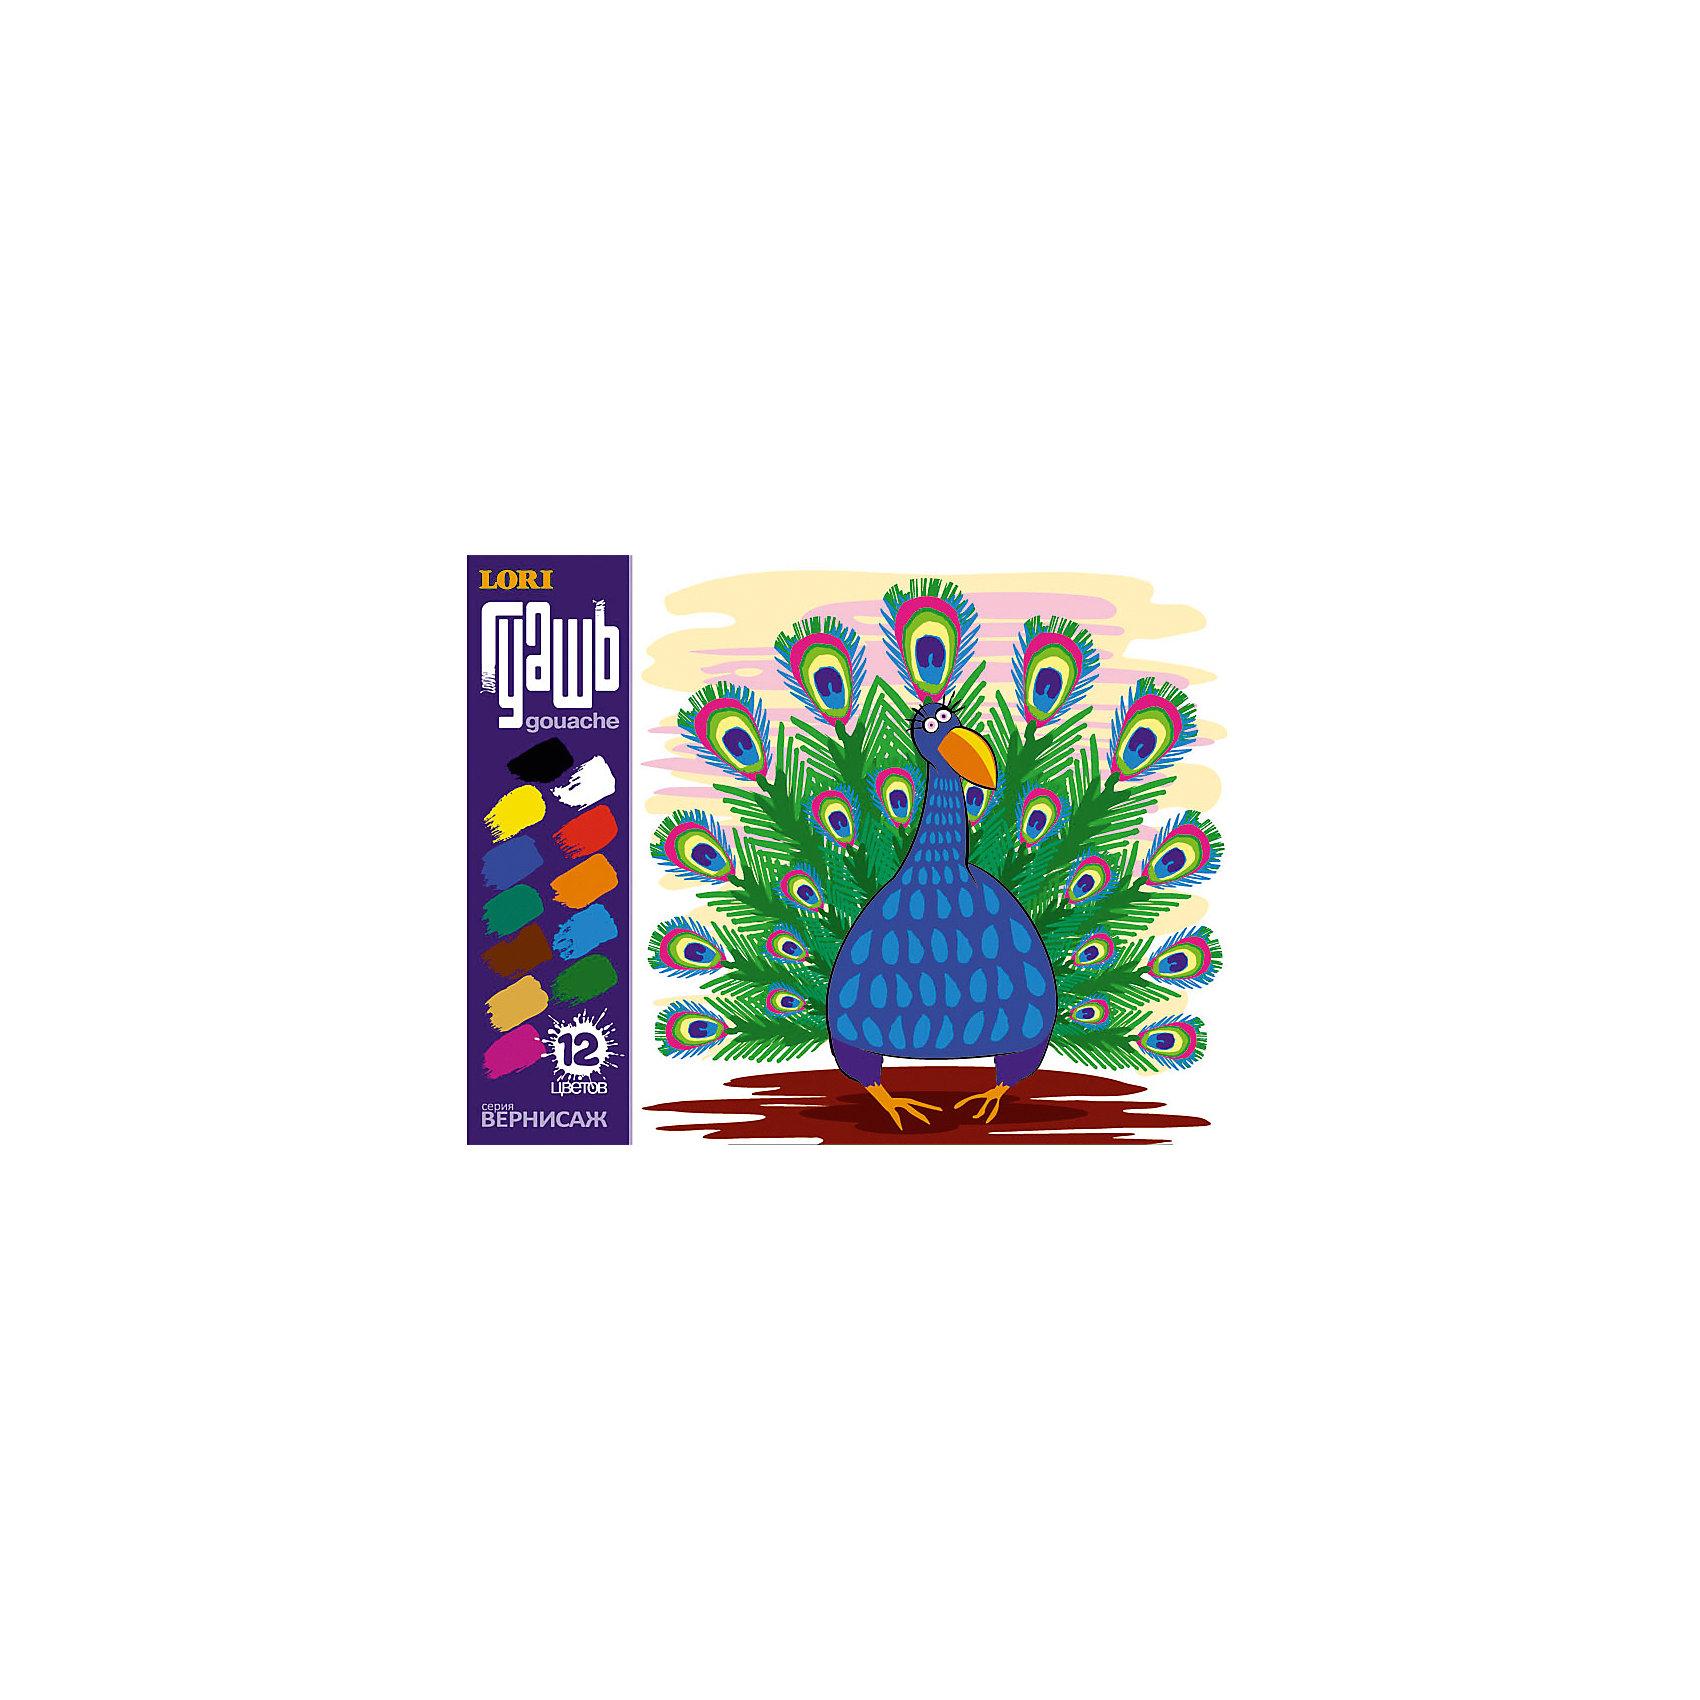 Гуашь Вернисаж, 12 цветовРисование и лепка<br>Гуашь Вернисаж, 12 цветов - это качественный набор для детского творчества и декоративно-оформительских работ.<br>Гуашь Вернисаж предназначена для рисования по бумаге, картону, дереву и стеклу. Набор включает в себя двенадцать баночек разноцветной гуаши. Каждая пластиковая баночка закрывается винтовой крышкой. Гуашь имеет насыщенные цвета и однородную структуру, равномерно ложится на бумагу, не требуя многократного прокрашивания. Яркие цвета хорошо смешиваются и дают множество оттенков. Легко размываются водой и быстро сохнут. При высыхании приобретают матово-бархатистую поверхность. Гуашь Вернисаж изготовлена на основе натуральных компонентов и высококачественных пигментов.<br><br>Дополнительная информация:<br><br>- В наборе: гуашь 12 цветов (по 20 мл)<br>- Цвета: розовый, бежевый, два оттенка зеленого, коричневый, синий, голубой, оранжевый, желтый, красный, белый, черный<br>- Состав: вода, декстрин, глицерин, органические и неорганические тонкодисперсные пигменты<br>- Упаковка: картонная коробка<br>- Размер упаковки: 12,3 х 16 х 4 см.<br>- Вес: 399 гр.<br><br>Гуашь Вернисаж, 12 цветов можно купить в нашем интернет-магазине.<br><br>Ширина мм: 123<br>Глубина мм: 160<br>Высота мм: 40<br>Вес г: 399<br>Возраст от месяцев: 36<br>Возраст до месяцев: 144<br>Пол: Унисекс<br>Возраст: Детский<br>SKU: 4249893